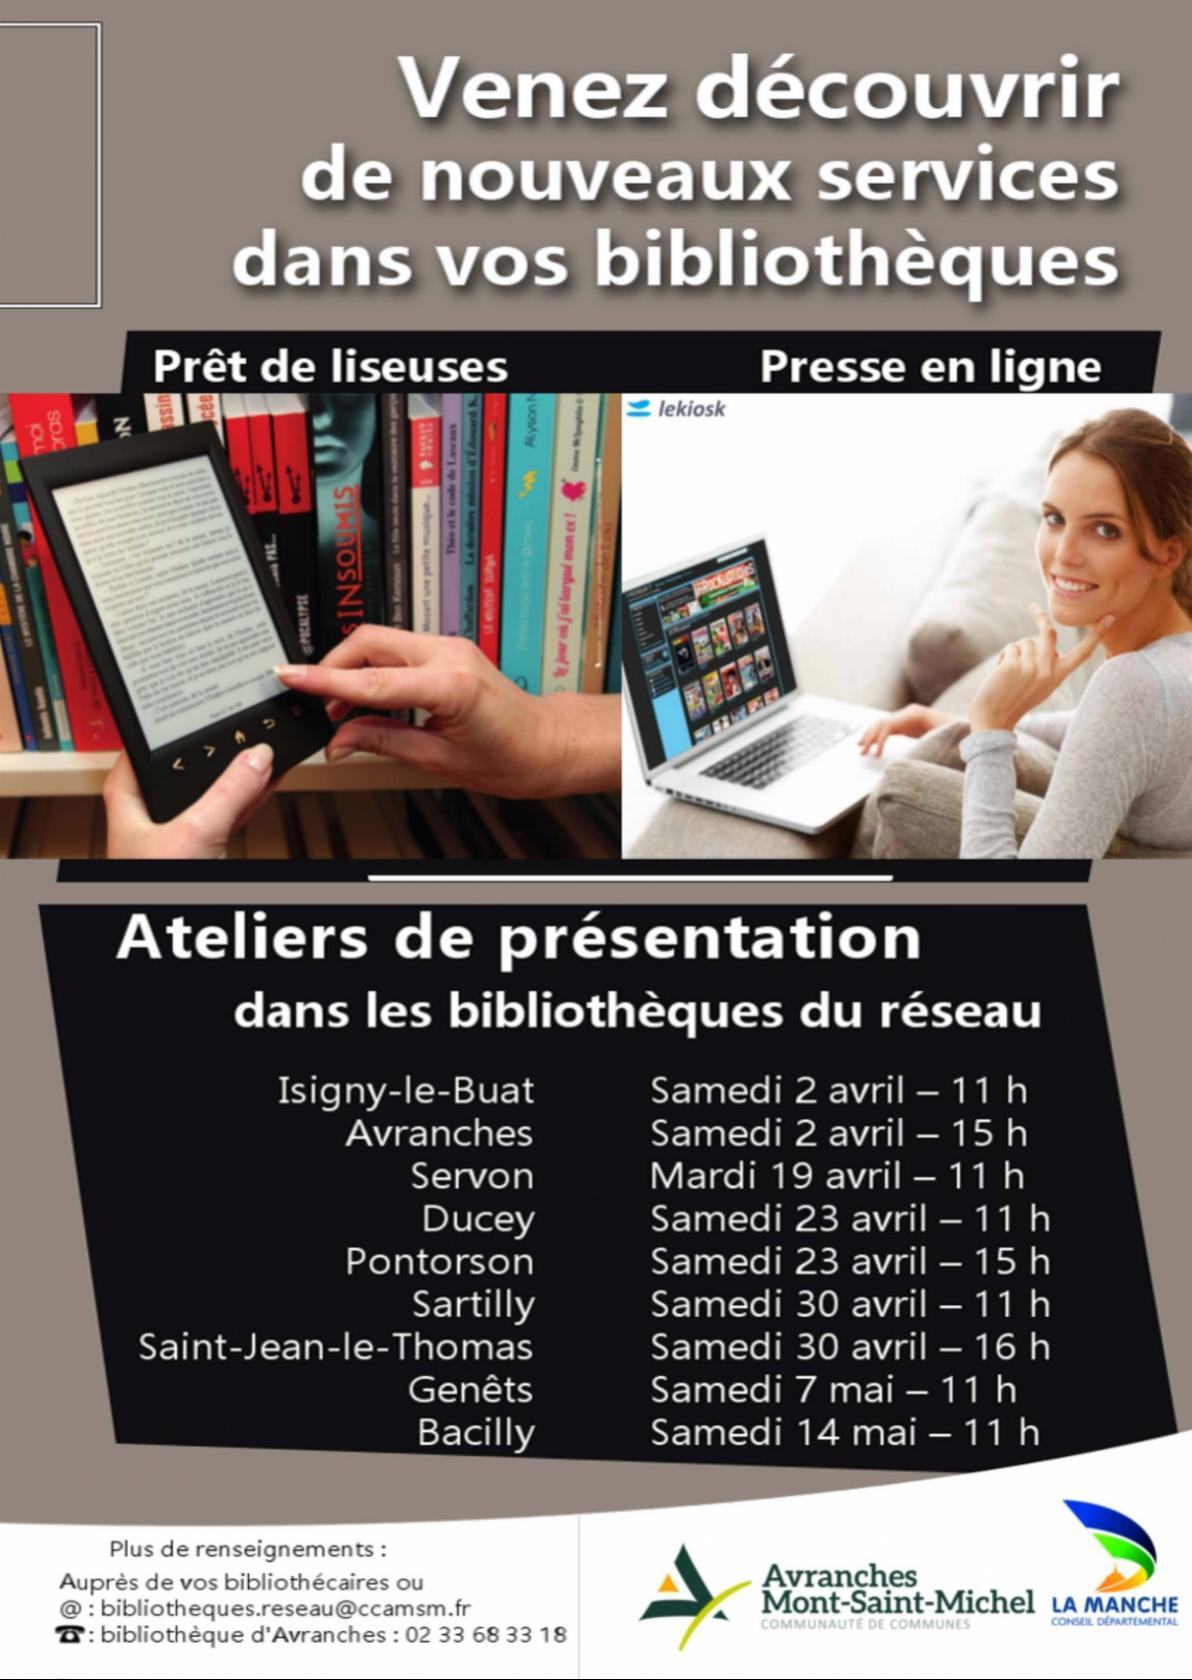 Nouveaux services dans les bibliothèques Saint-Jean-le-Thomas